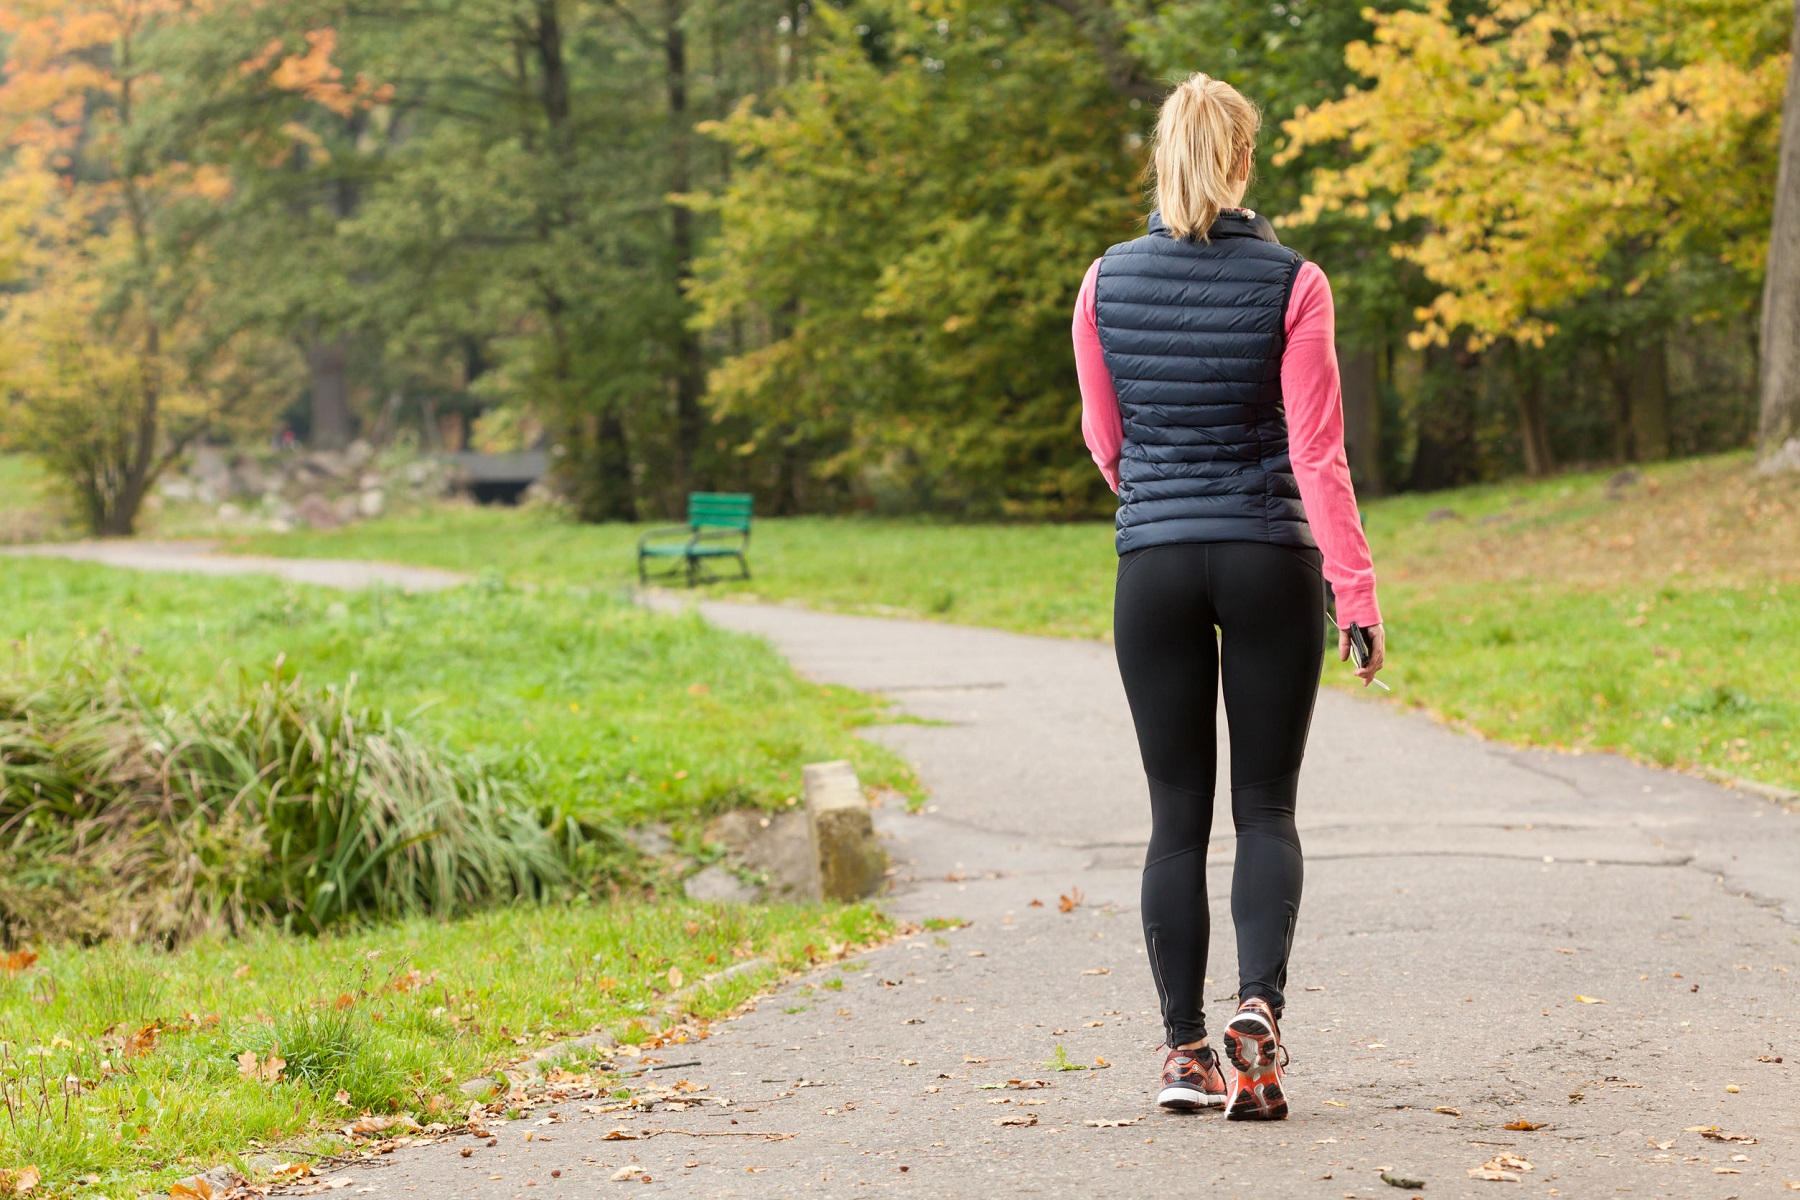 Αθλητισμός Άσθμα: Είναι ασφαλές να αθλούμαι, εάν έχω άσθμα; [vid]